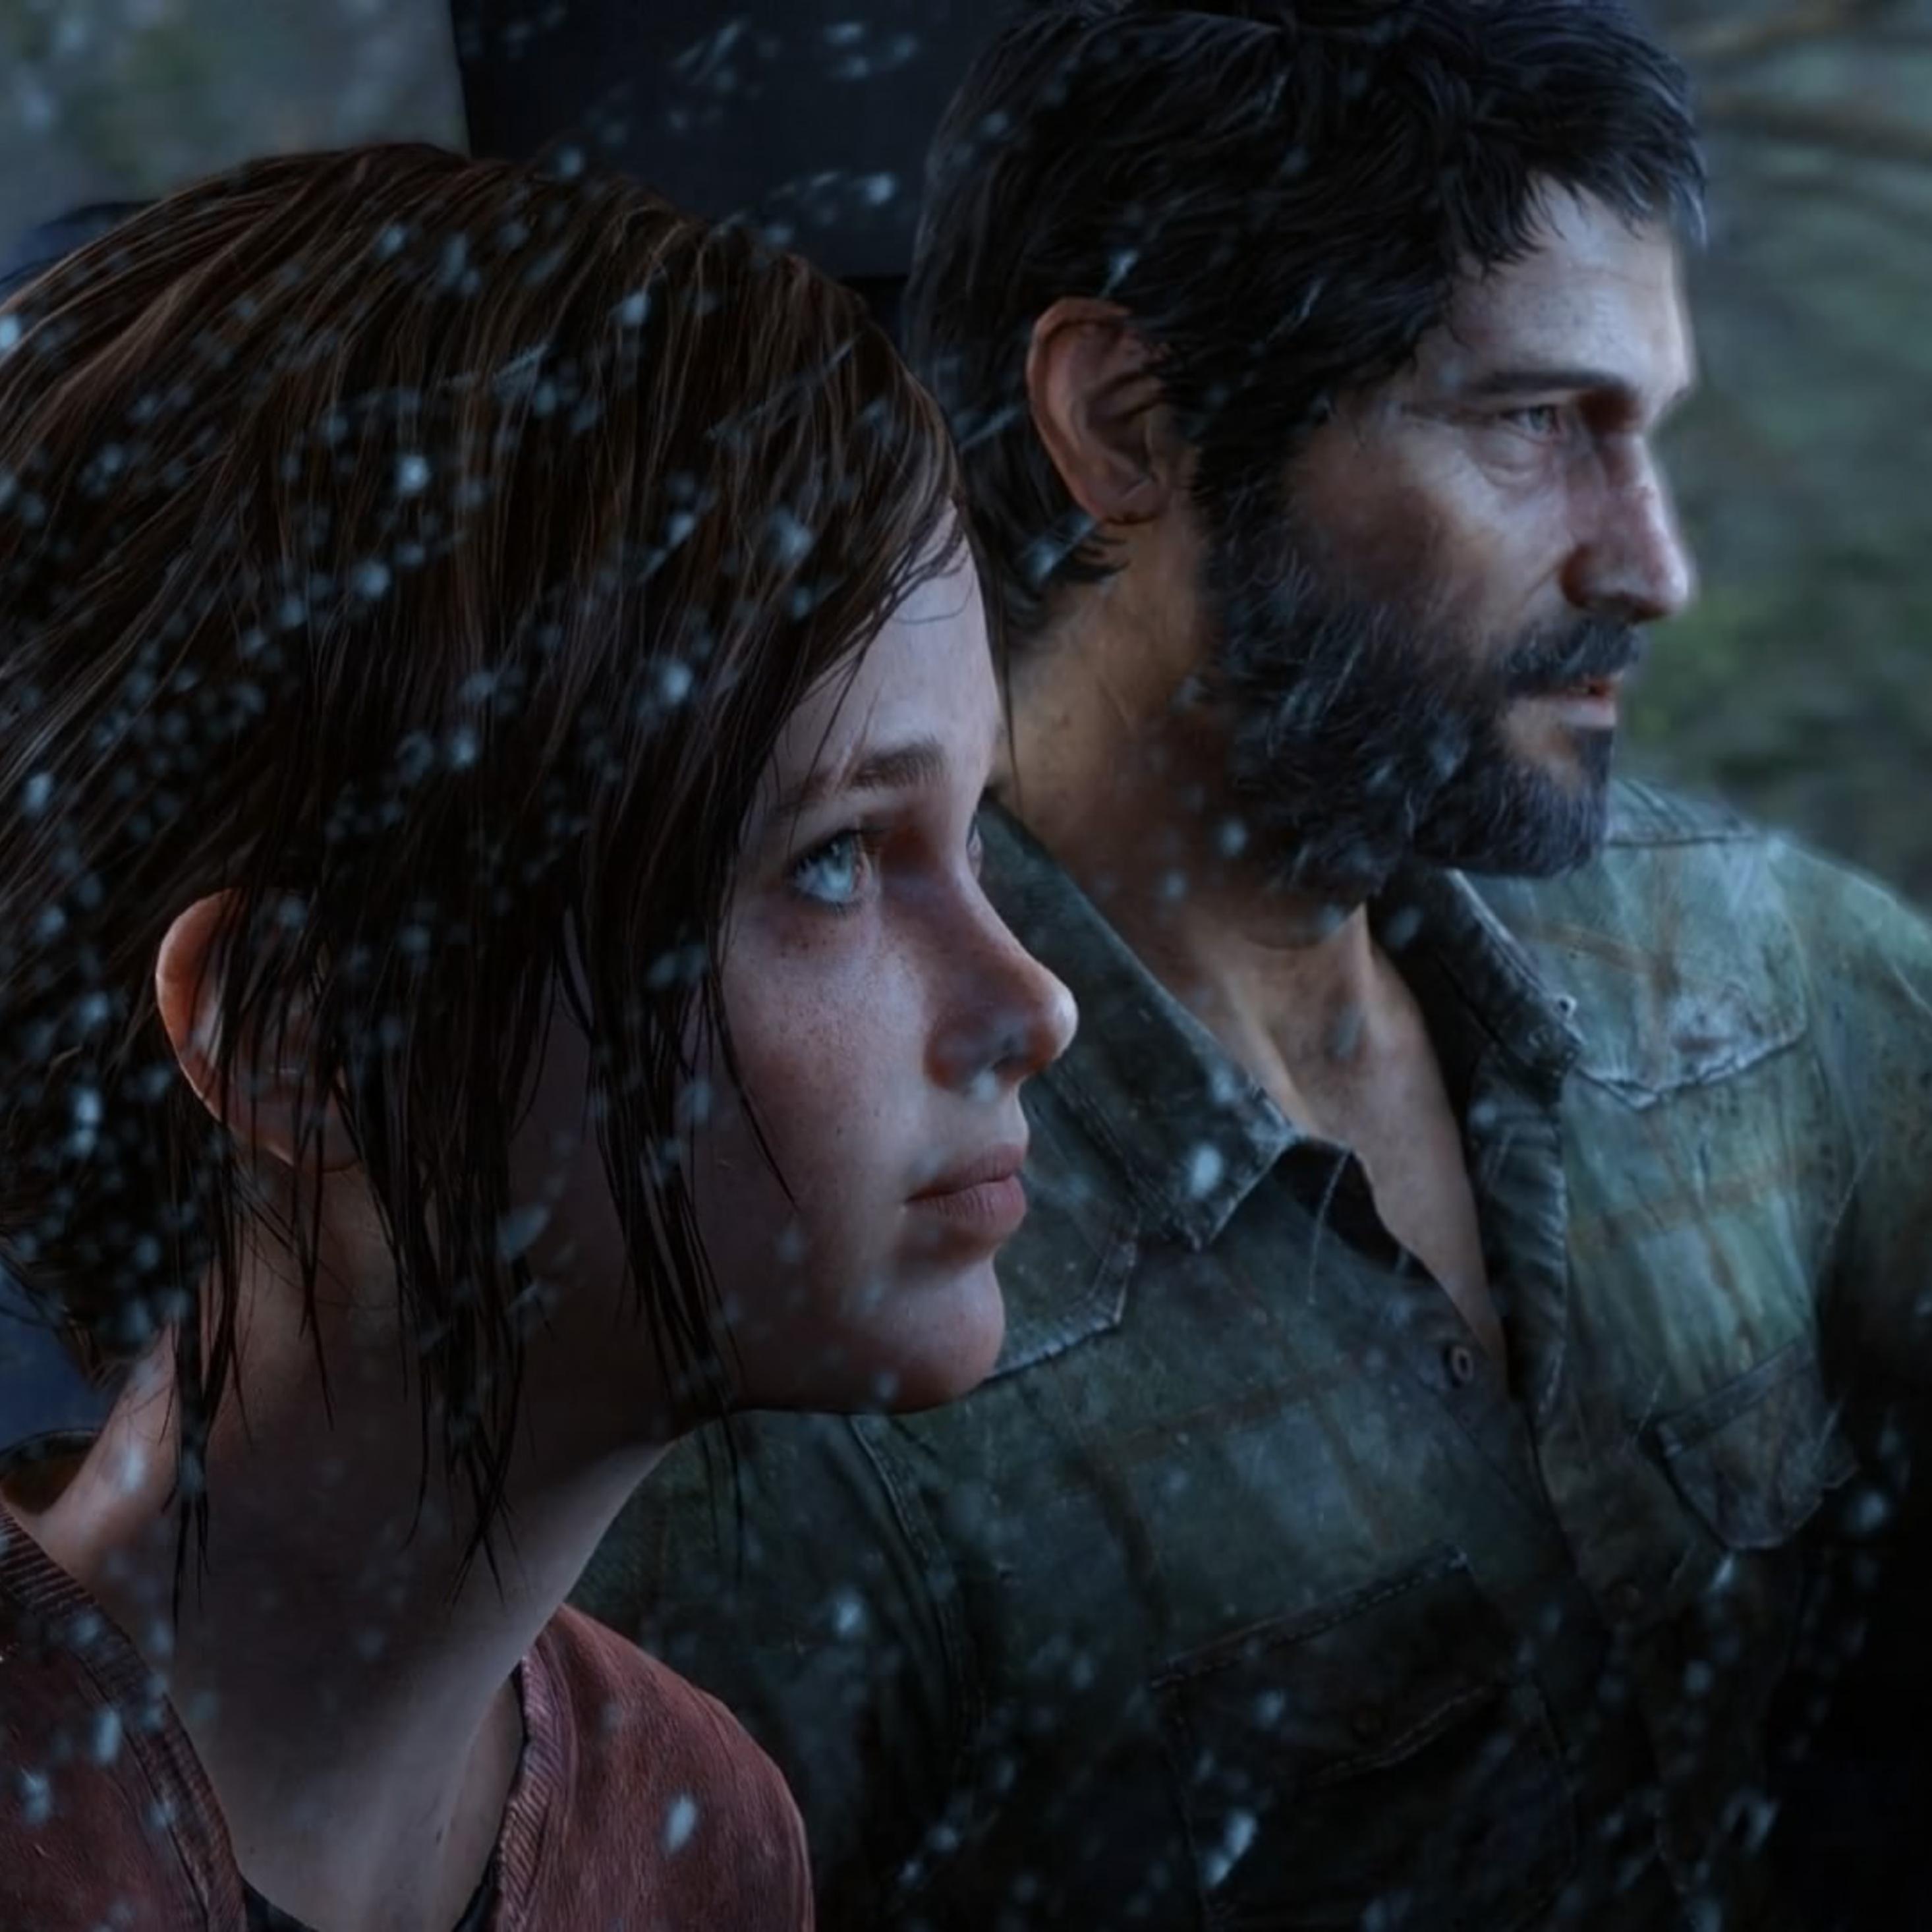 2932x2932 The Last Of Us 2017 Ipad Pro Retina Display HD